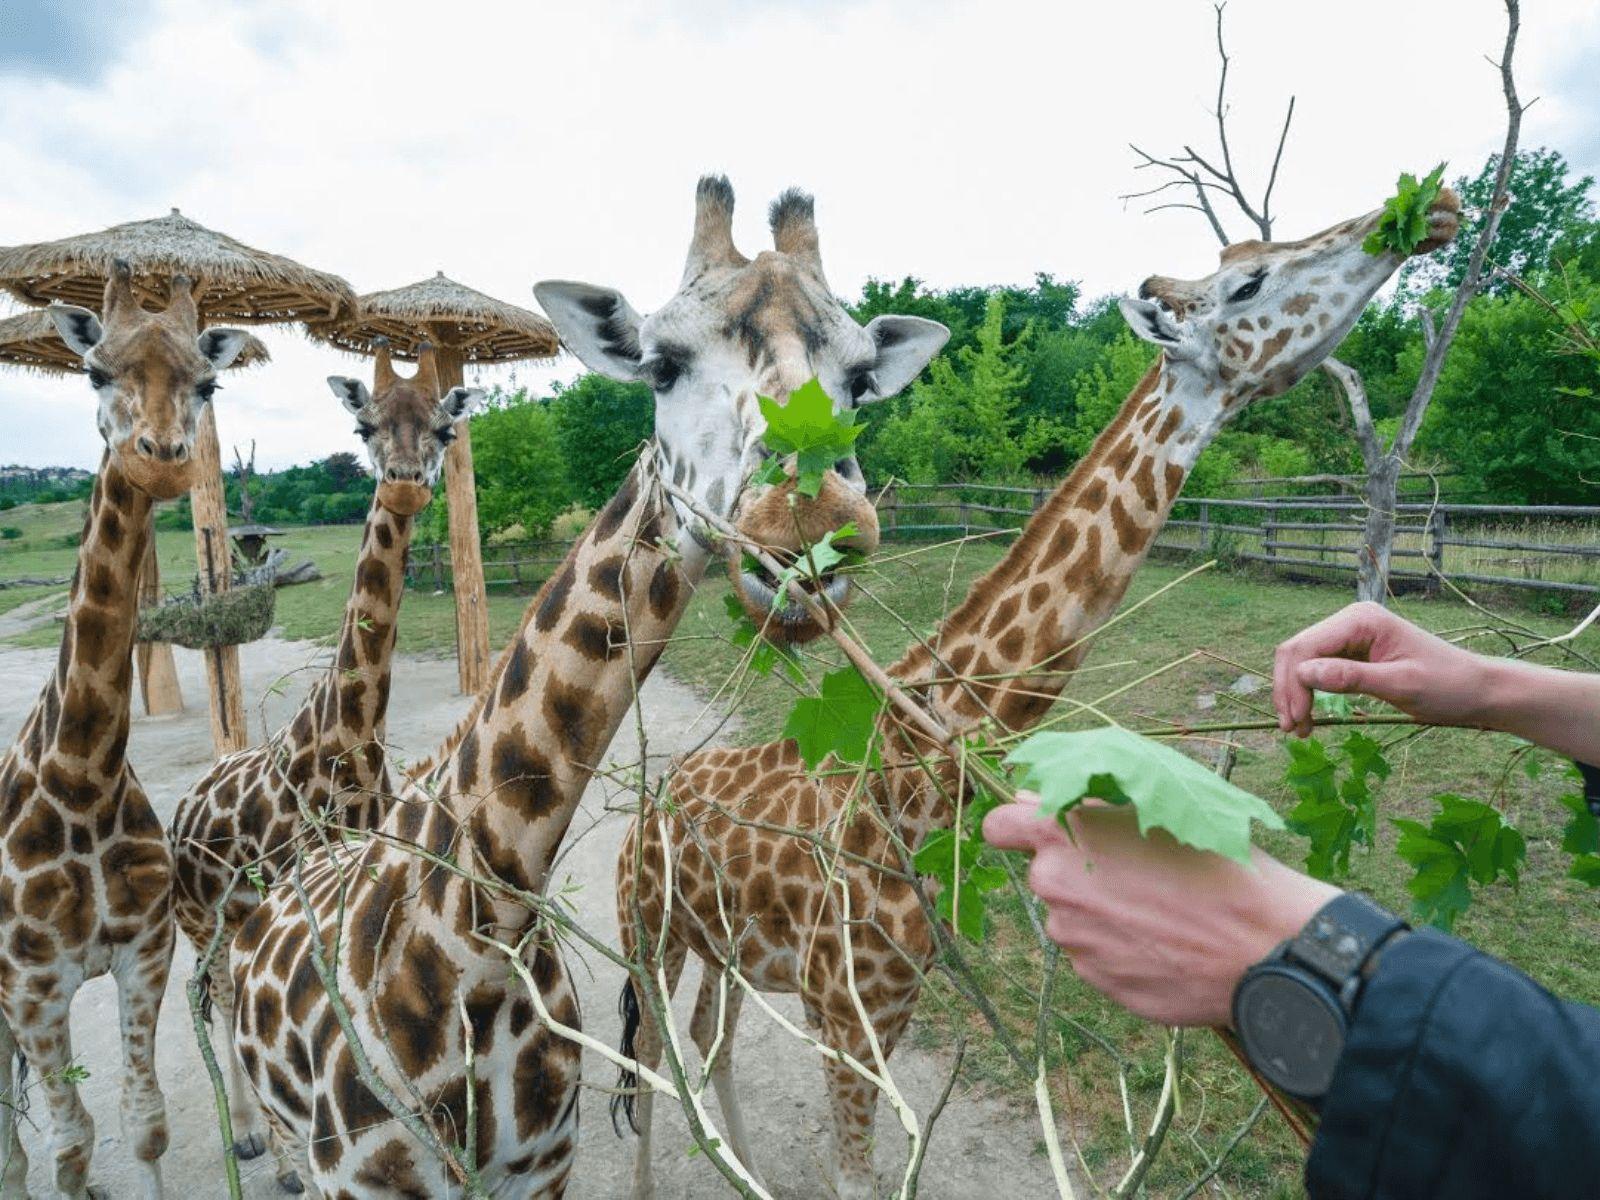 Prag i Krakow: Prag: Zoološki vrt Prag